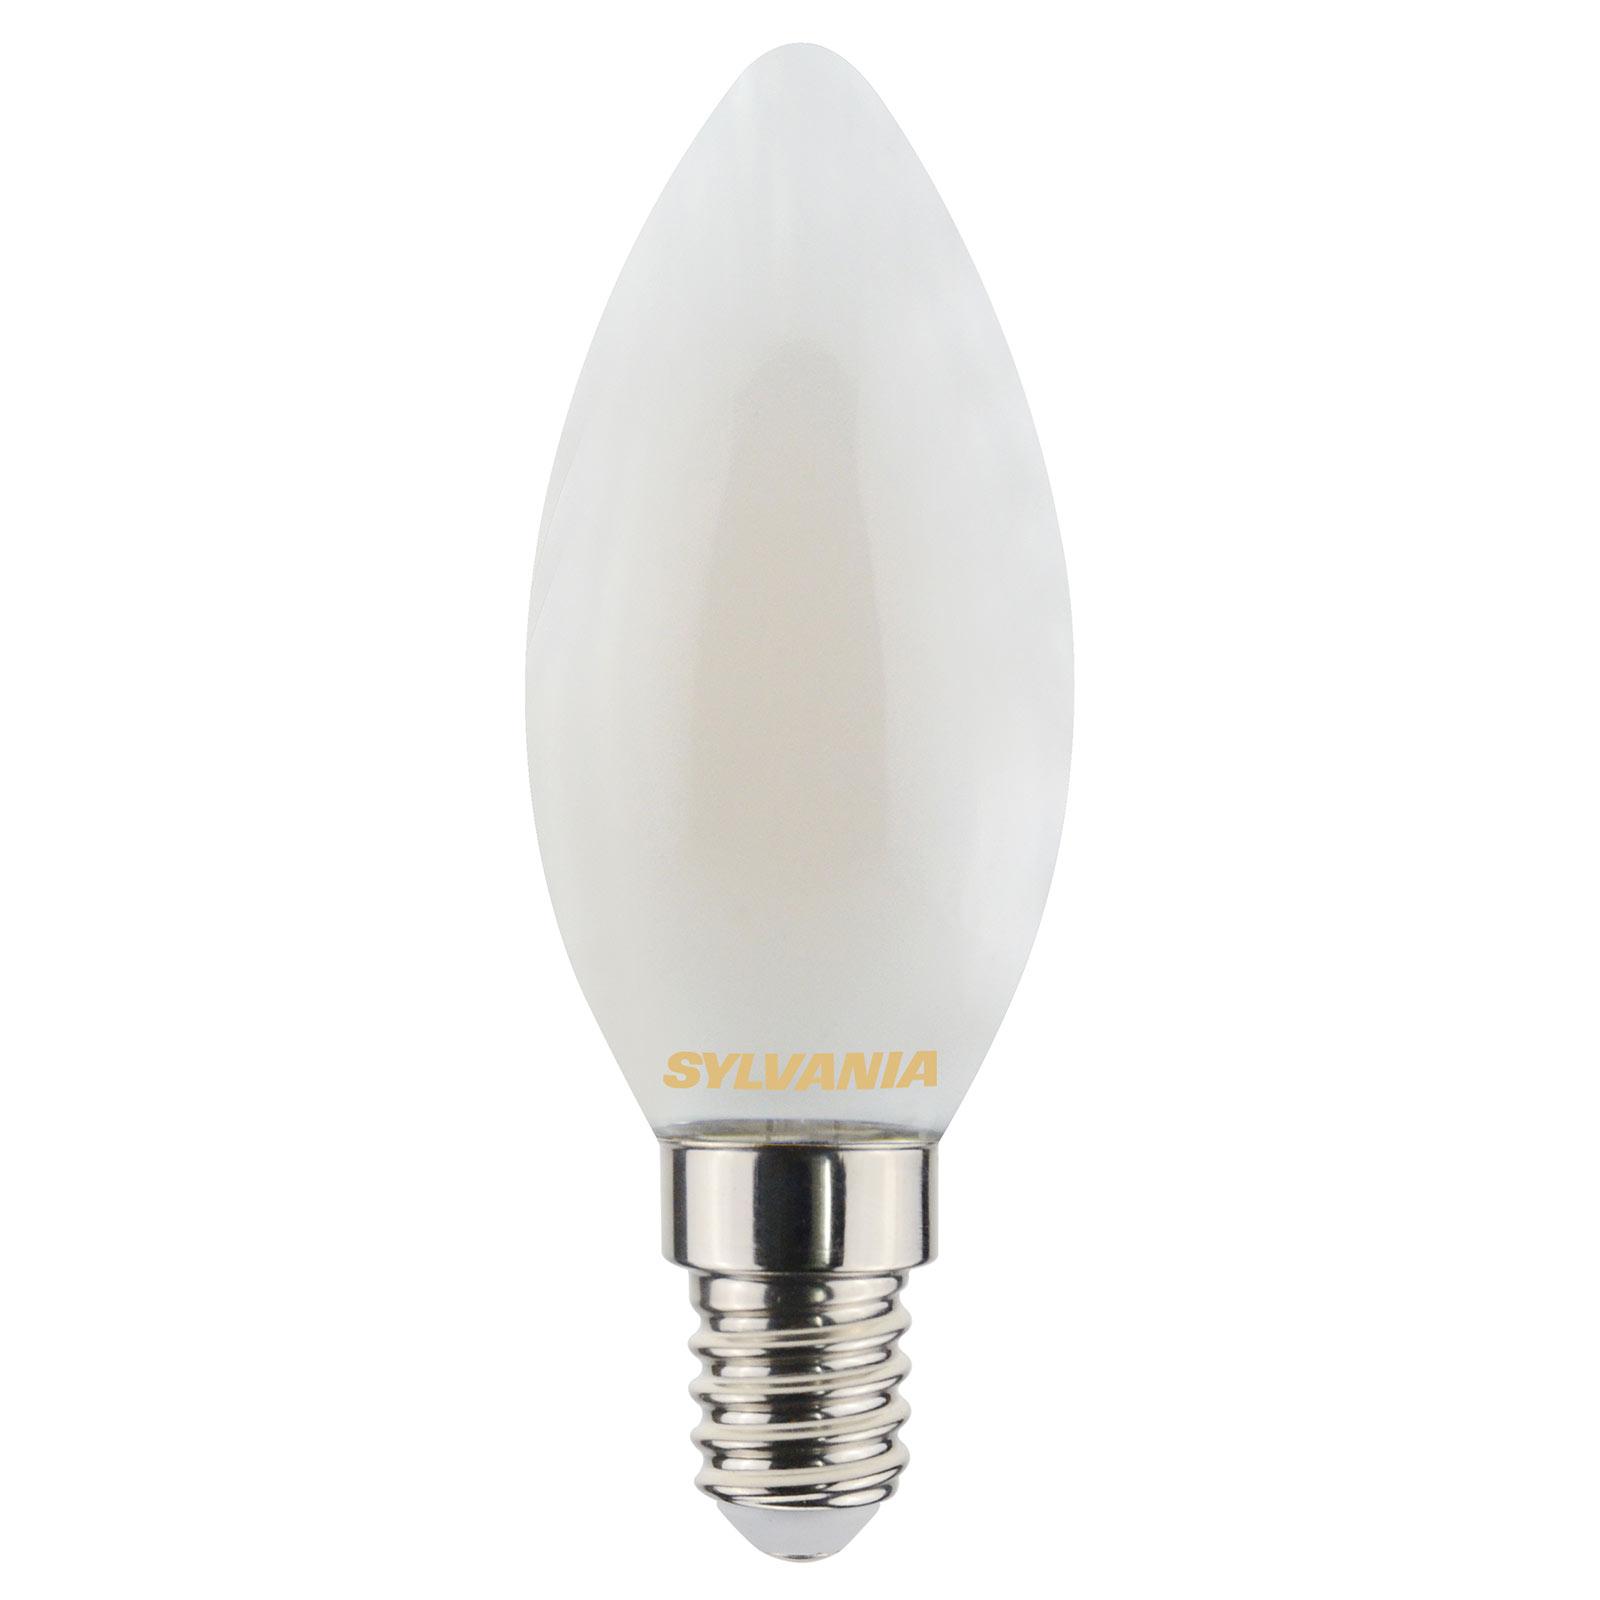 ToLEDo LED-kertepære E14 4,5W 827 satin